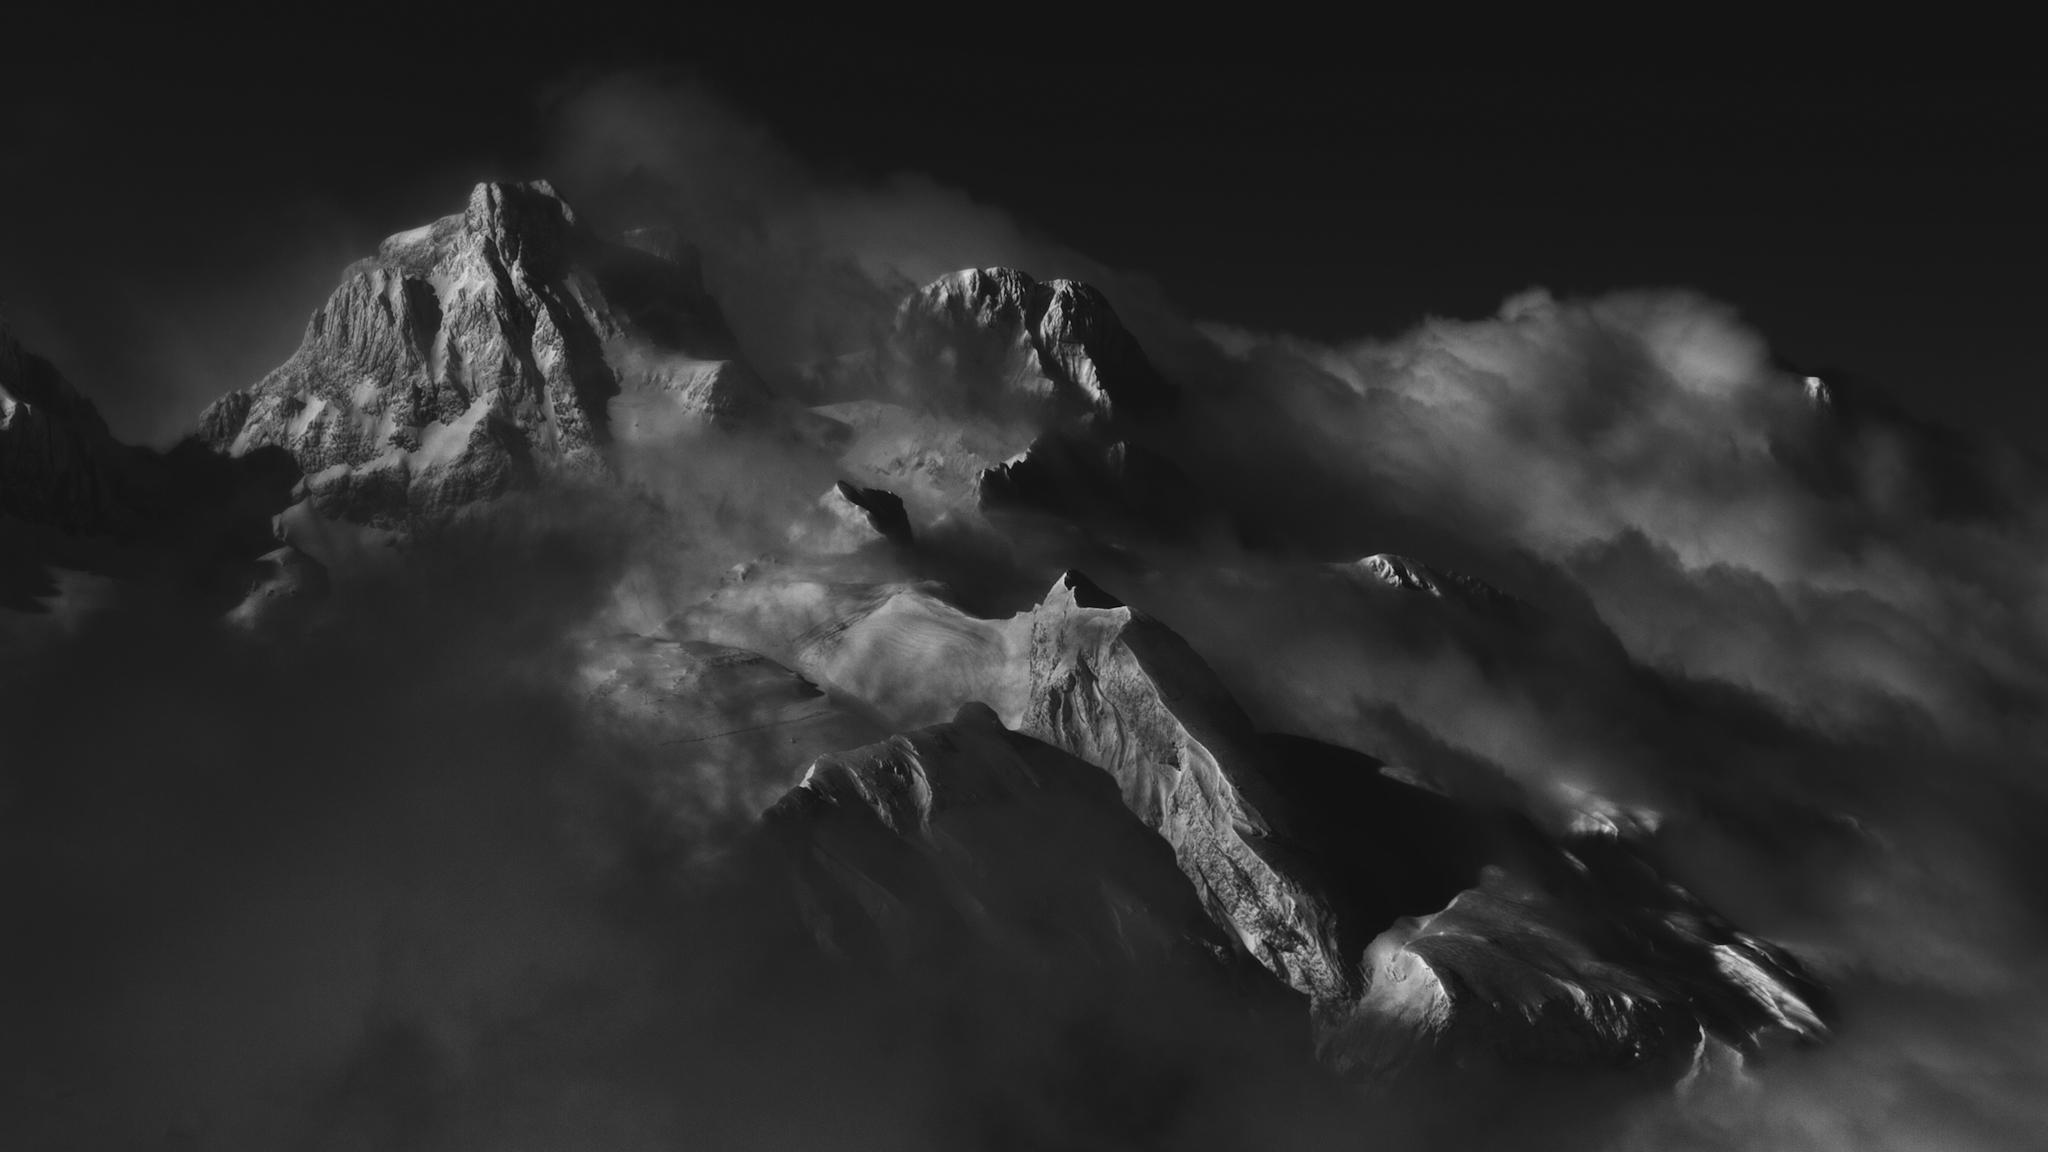 Aspe y Zapatilla entre nubes - Paisajes del valle - Fotos del Valle del Aragón, Mikel Besga